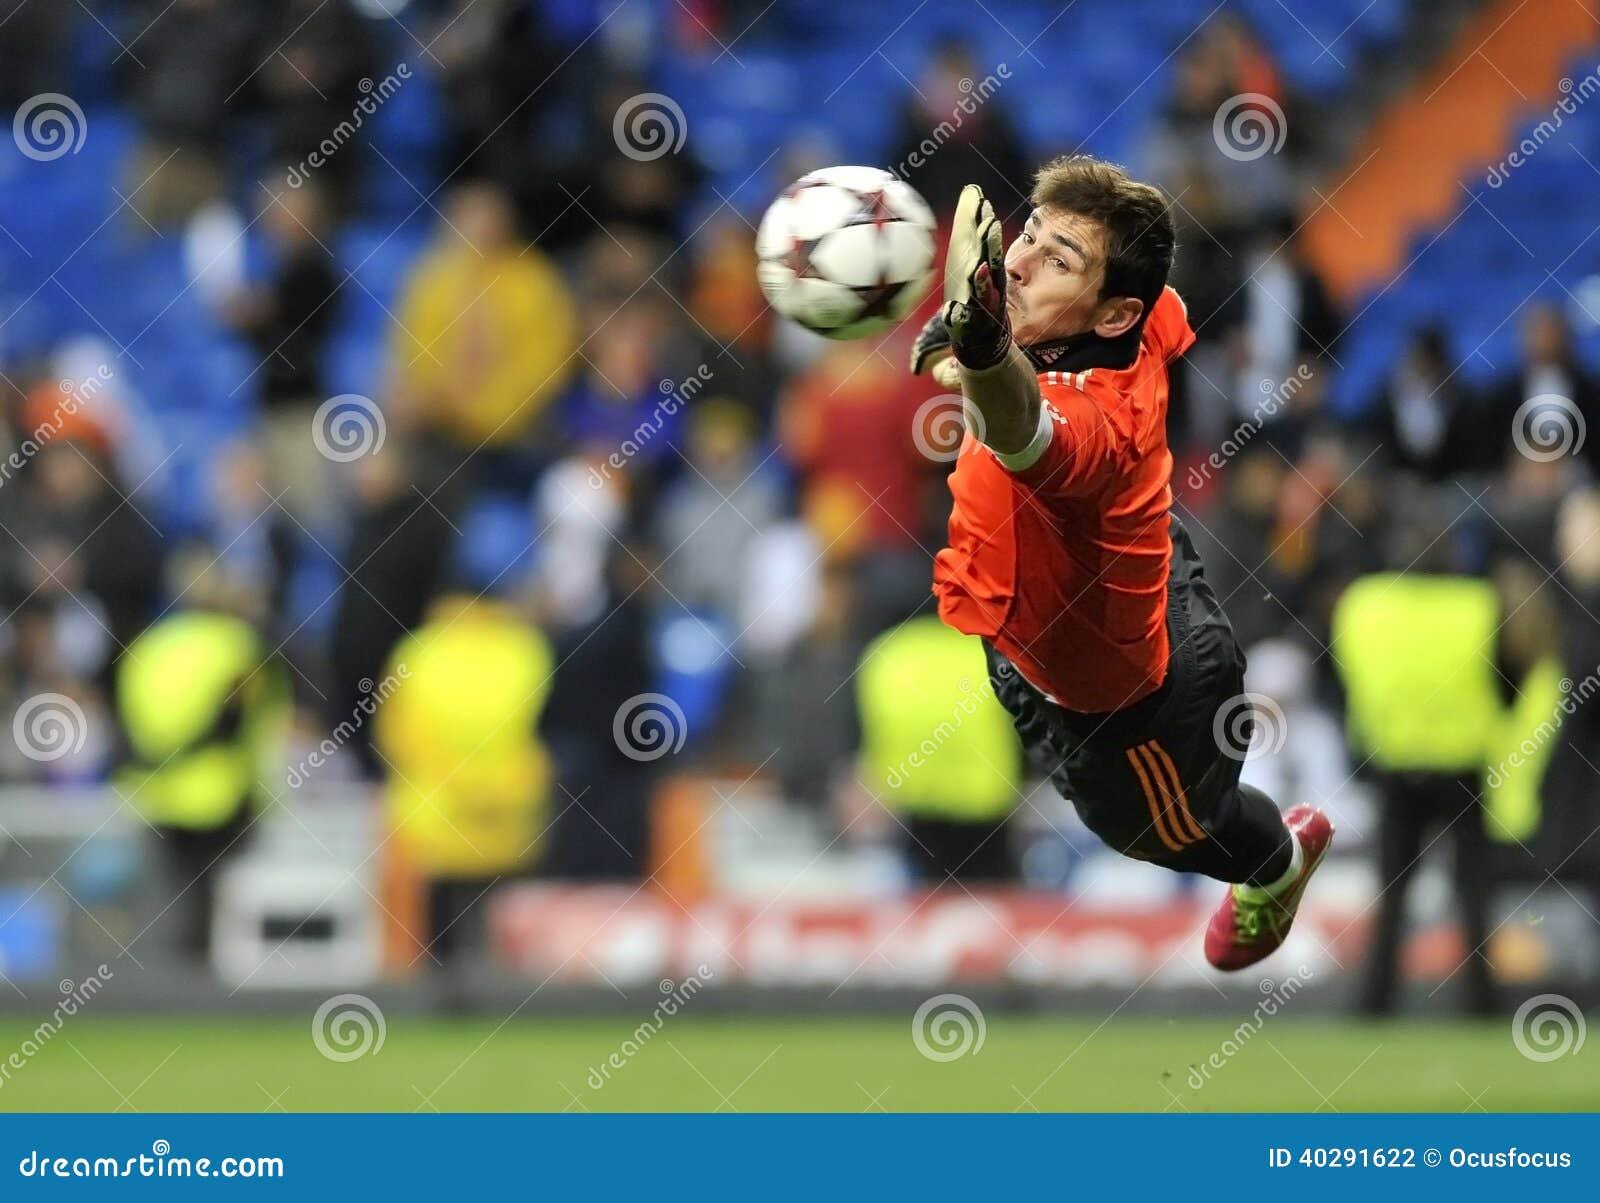 Portero español del Real Madrid Iker Casillas en la acción